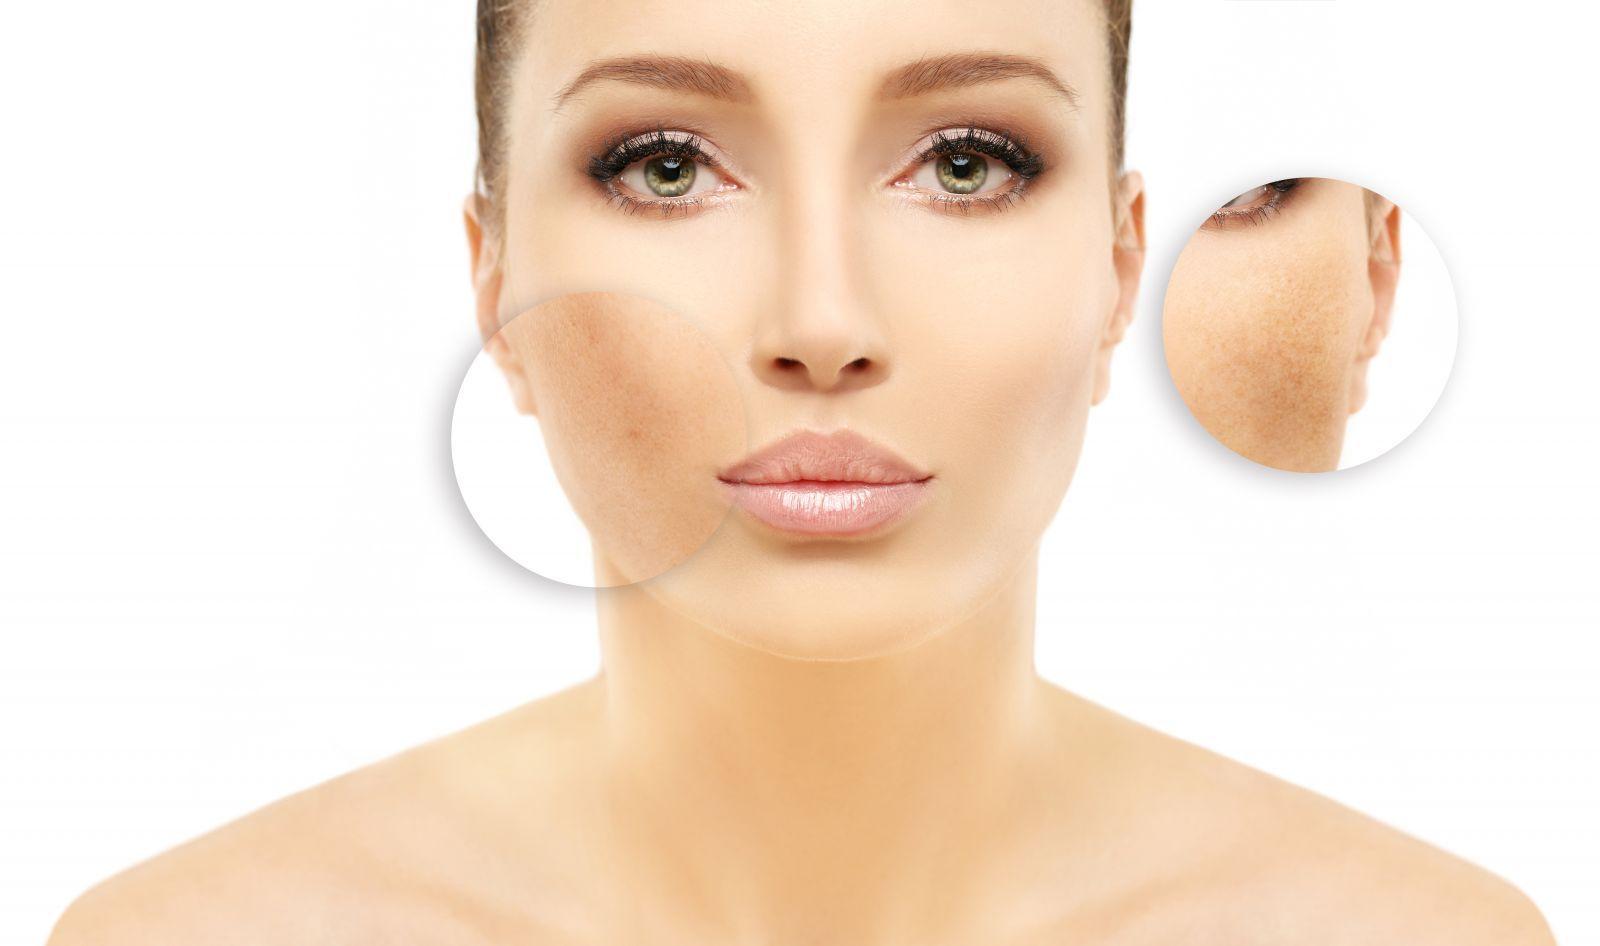 Cauzele apariției petelor pe piele! Ce boli grave pot anunța?